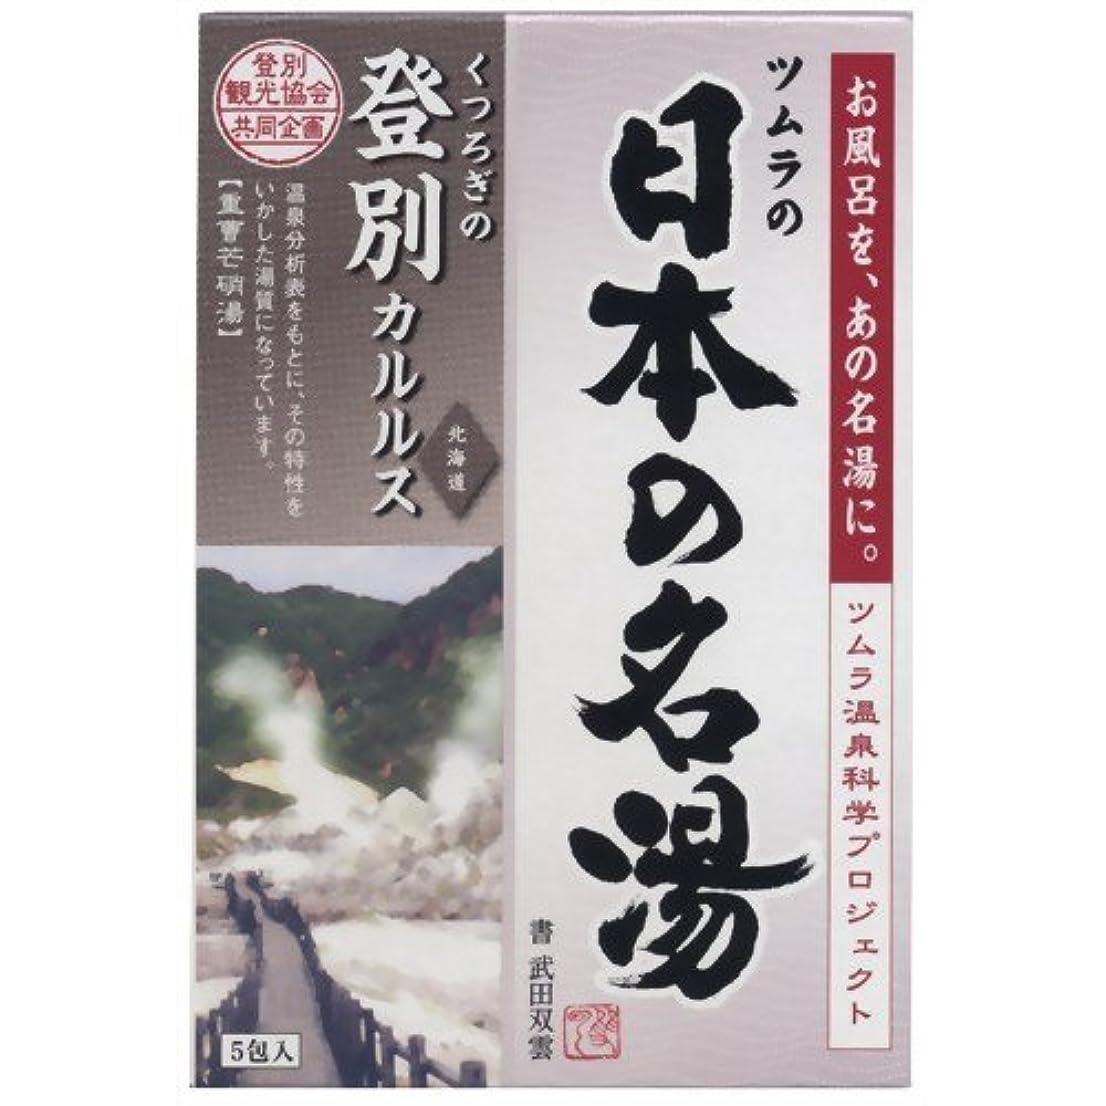 アジャ適度にクスクス日本の名湯 登別カルルス30g 5包入り にごりタイプ 入浴剤 (医薬部外品) × 5個セット